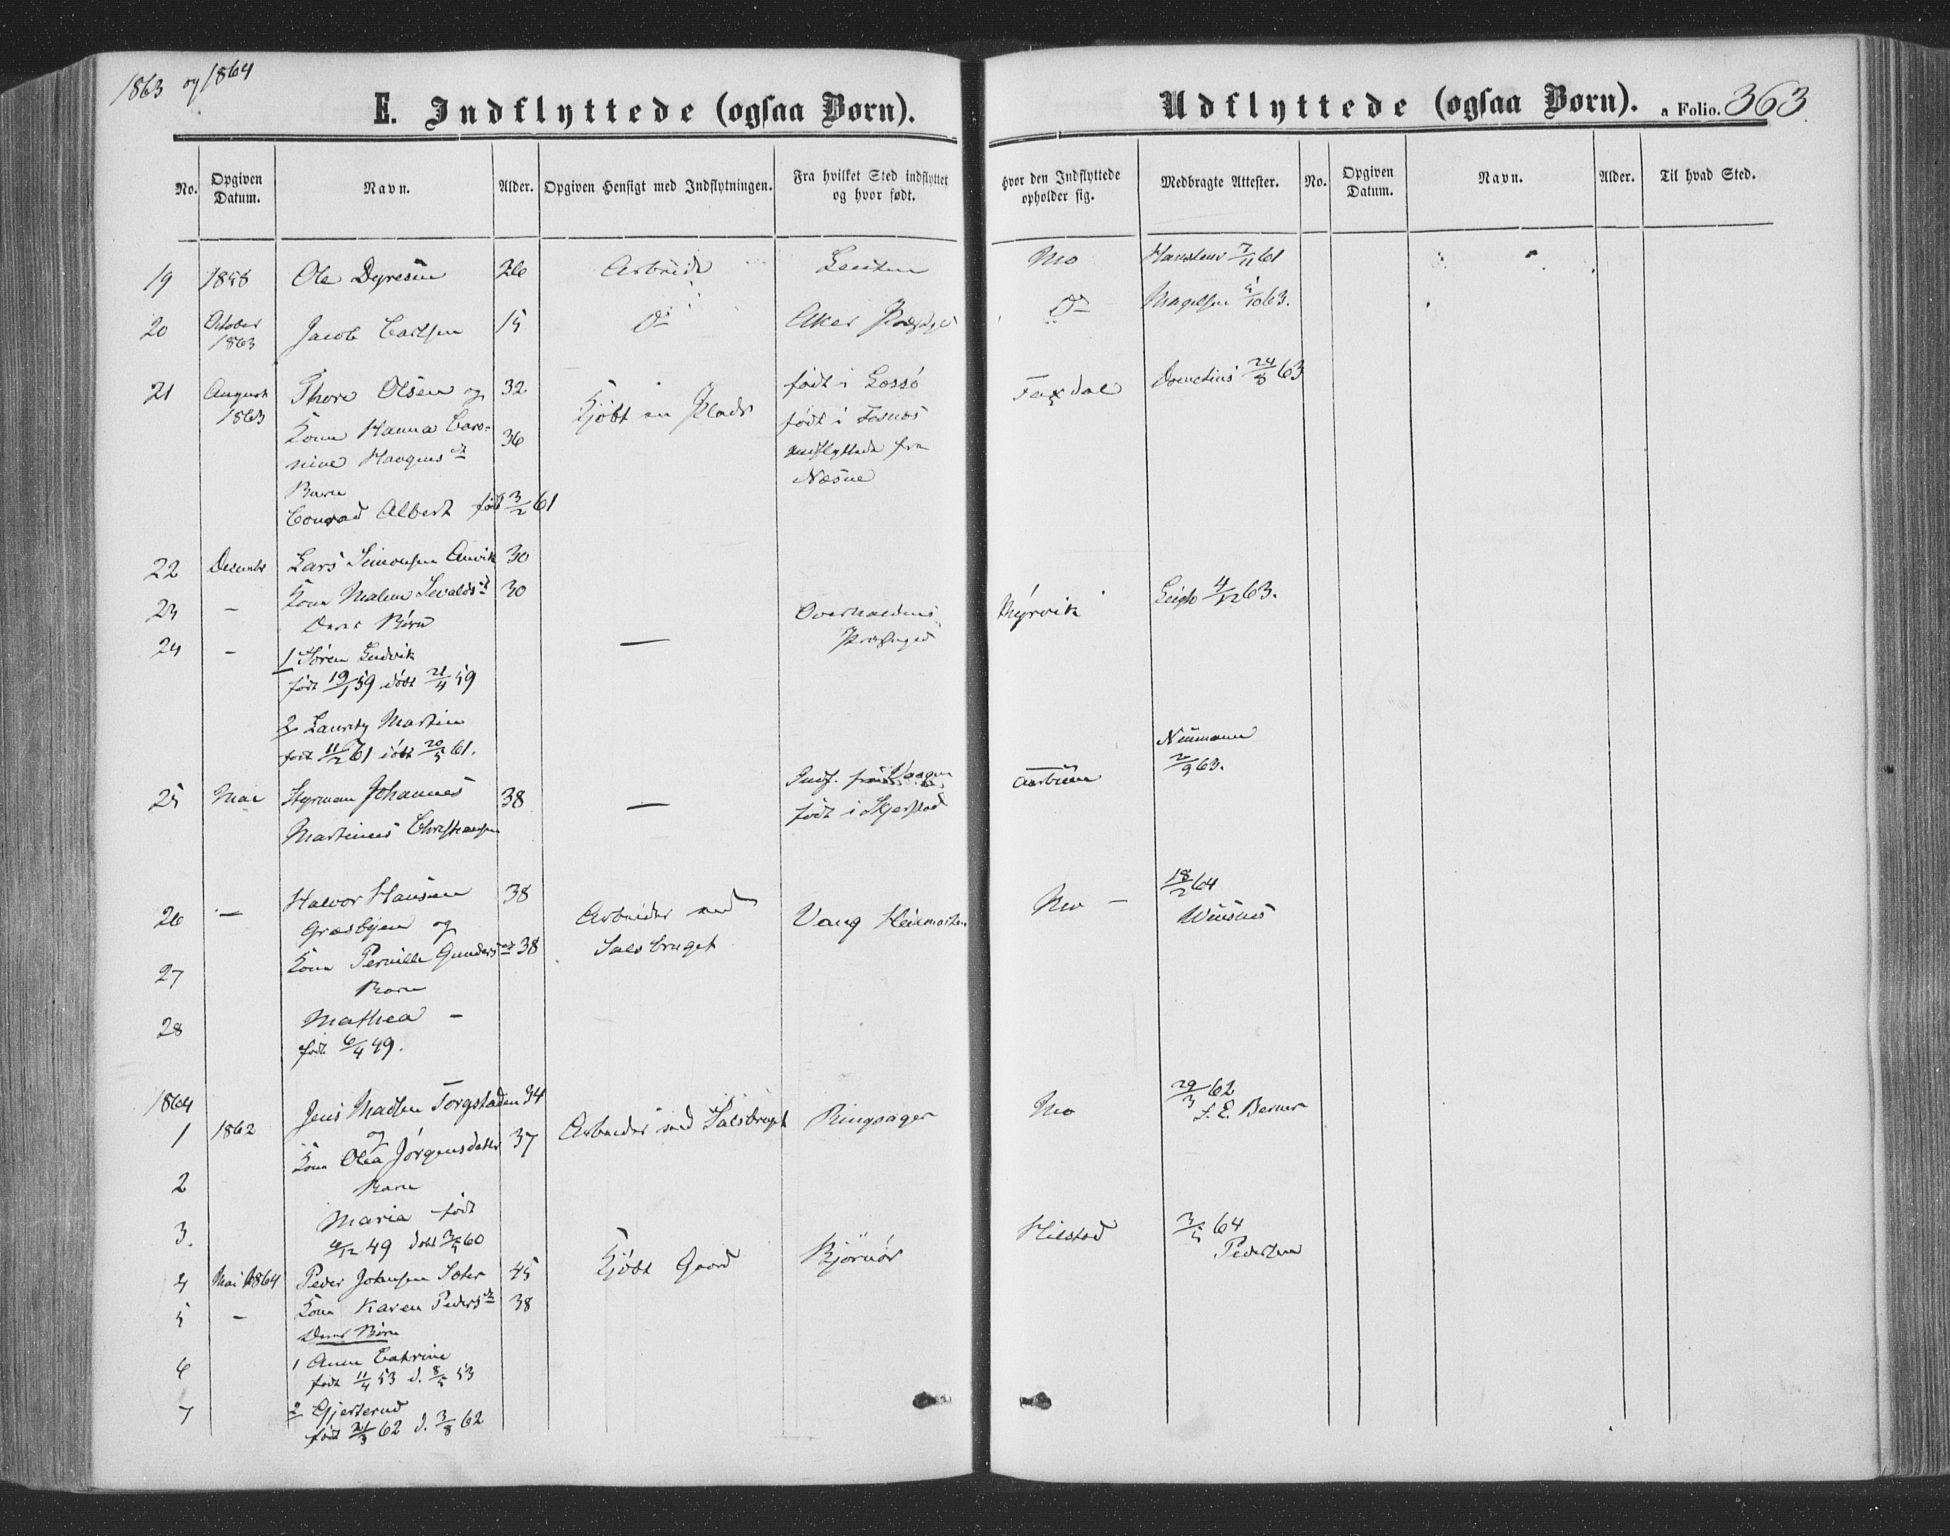 SAT, Ministerialprotokoller, klokkerbøker og fødselsregistre - Nord-Trøndelag, 773/L0615: Ministerialbok nr. 773A06, 1857-1870, s. 363